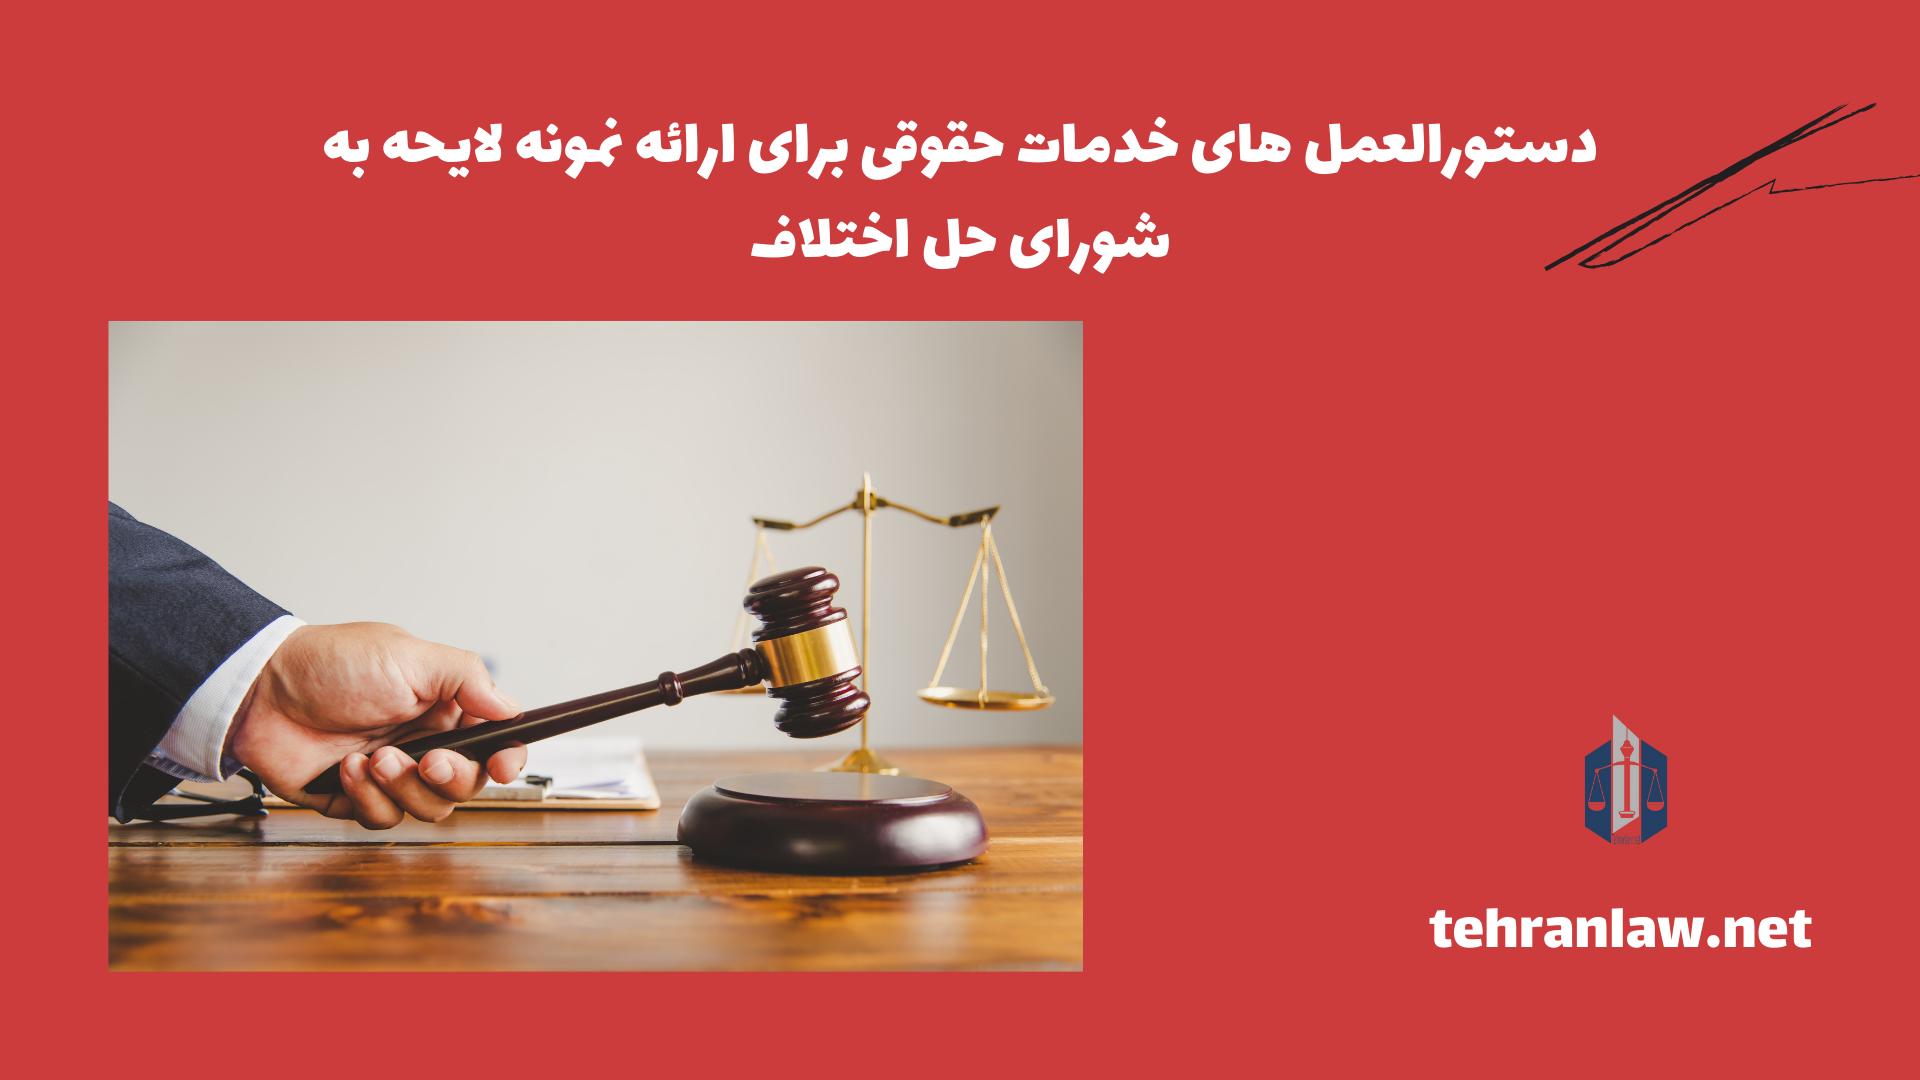 دستورالعمل های خدمات حقوقی برای ارائه نمونه لایحه به شورای حل اختلاف